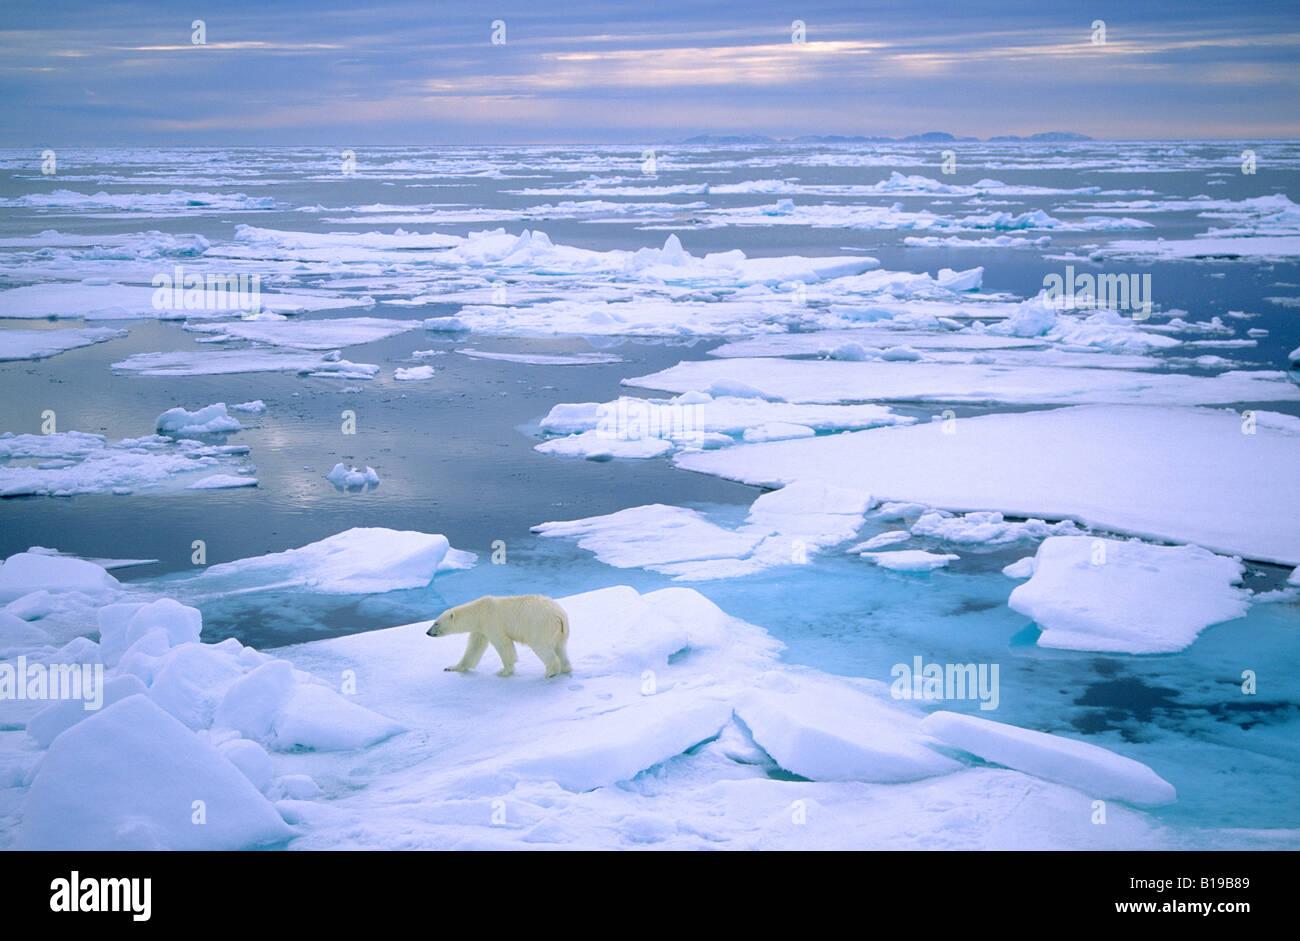 Adulto el oso polar (Ursus maritimus) de la caza en el hielo. Svalbard, Noruega. Imagen De Stock